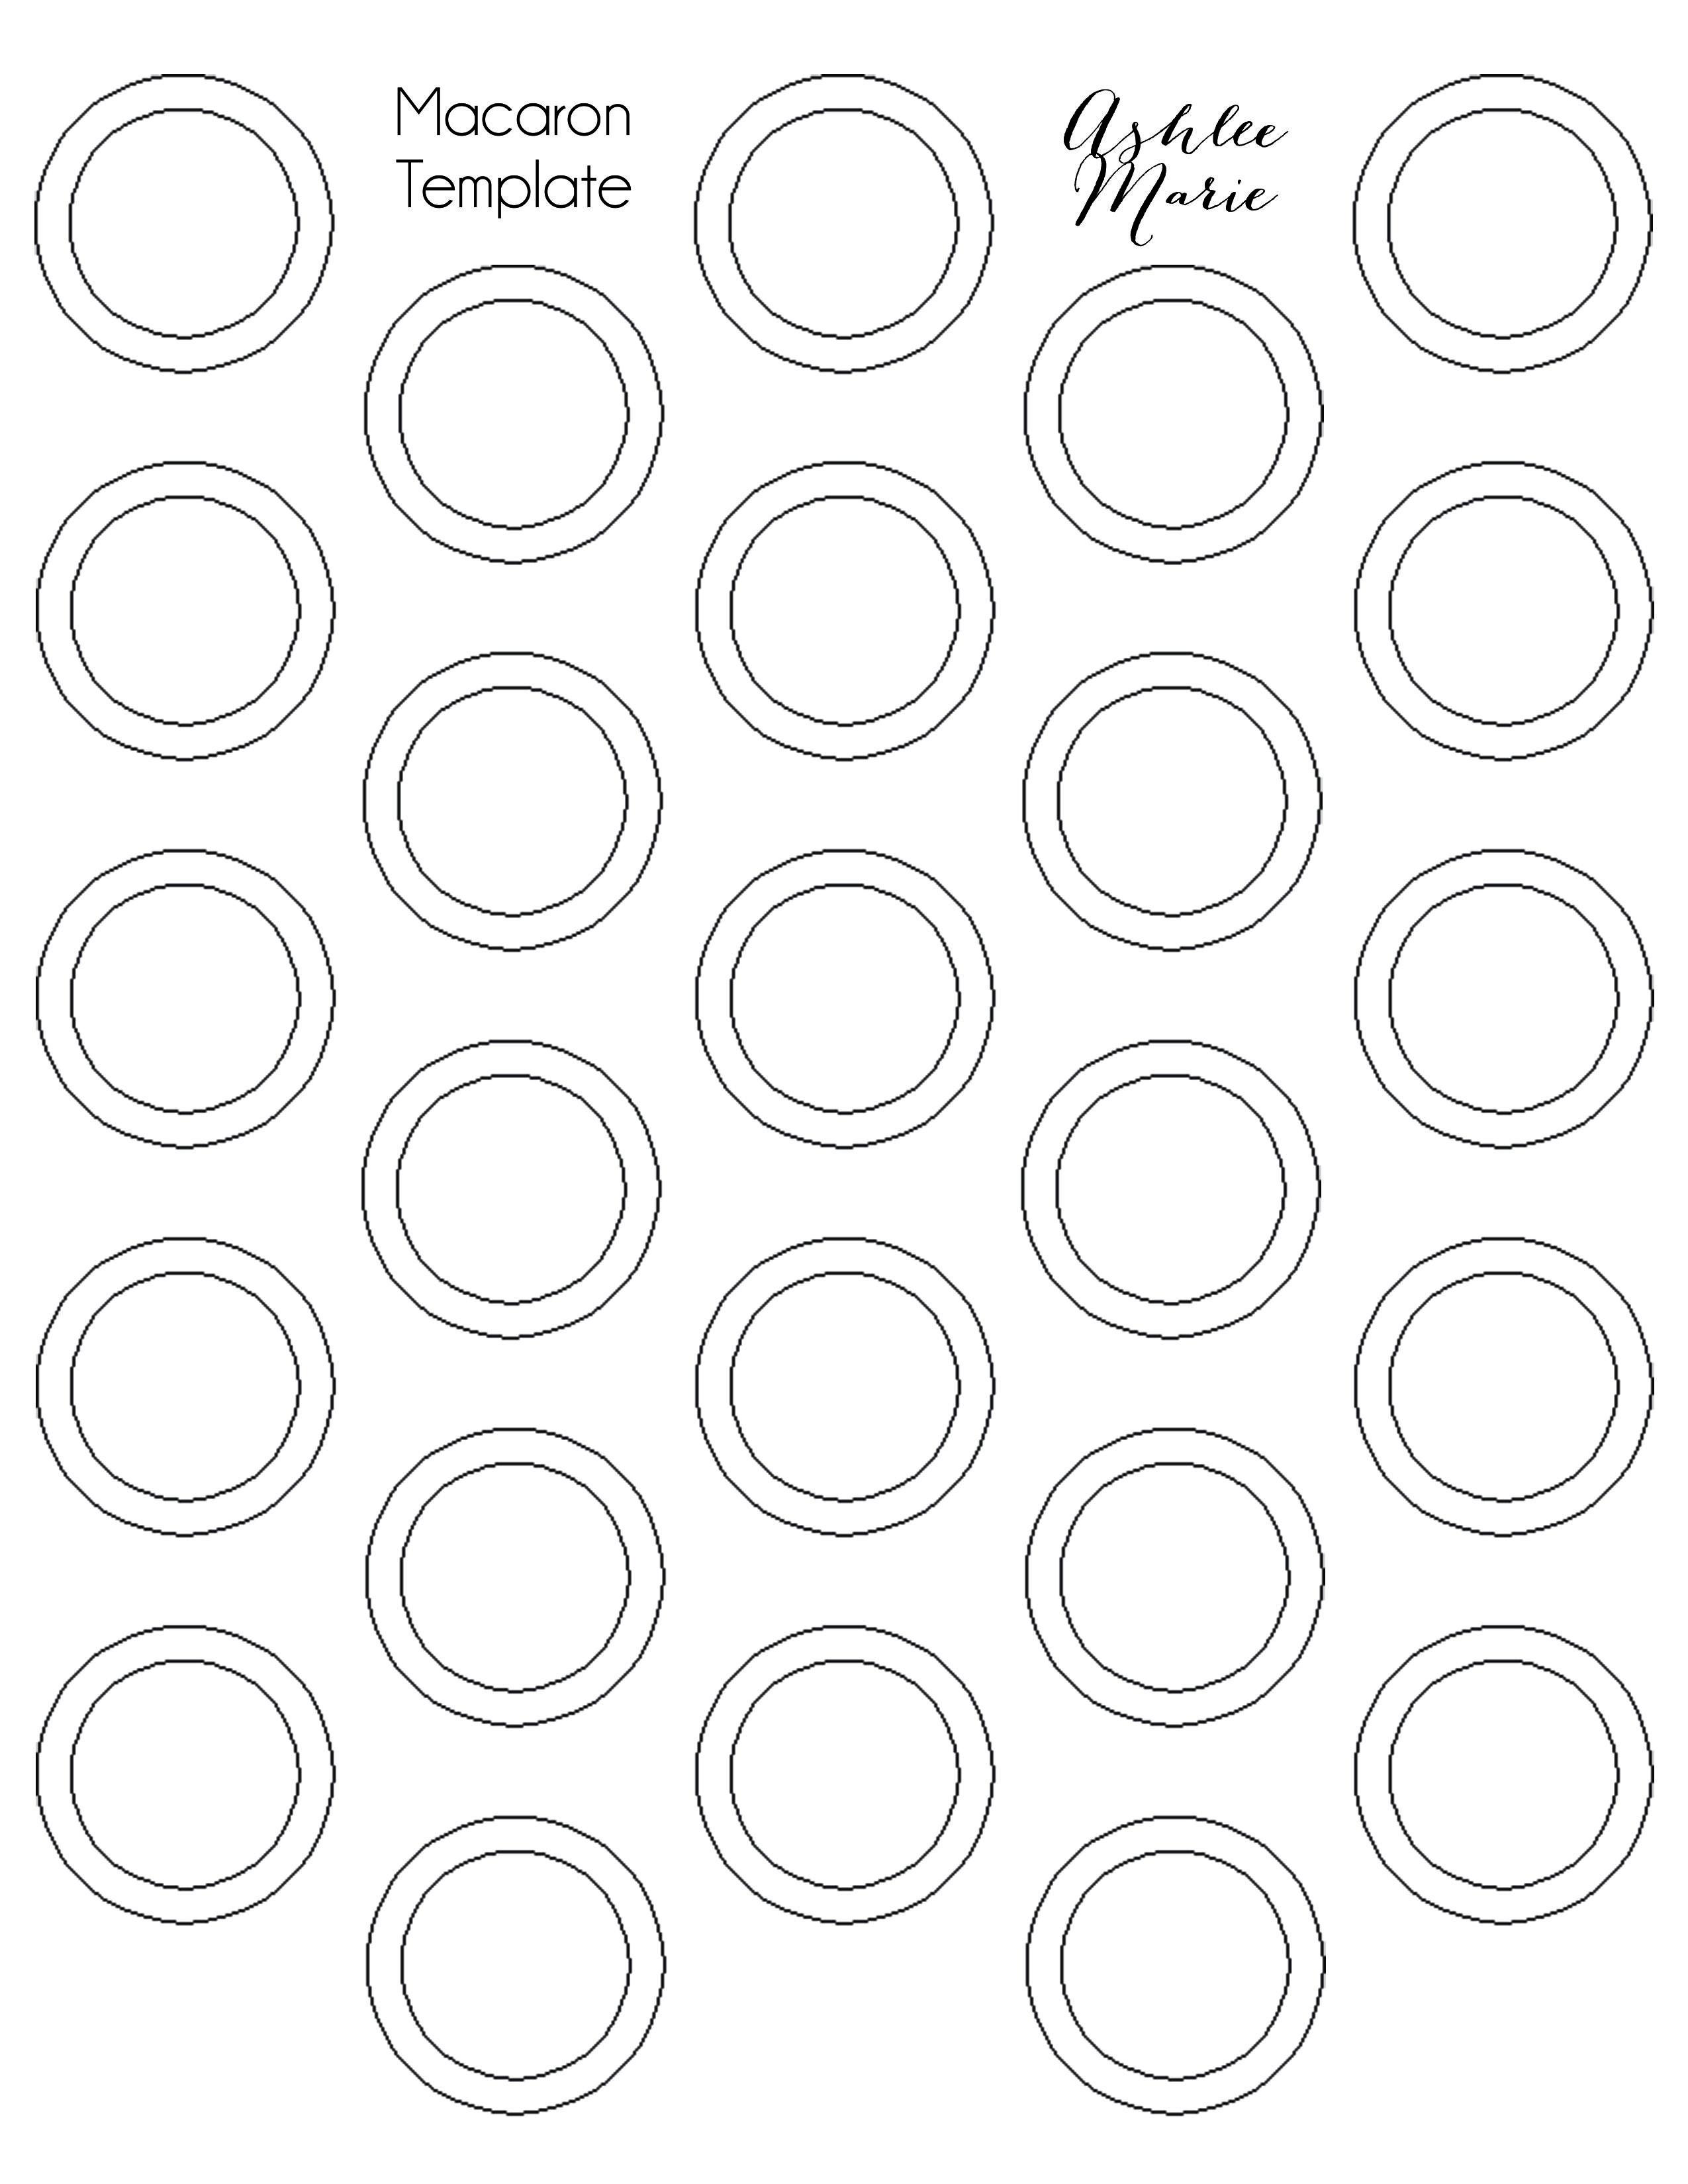 Free Printable Macaron Template